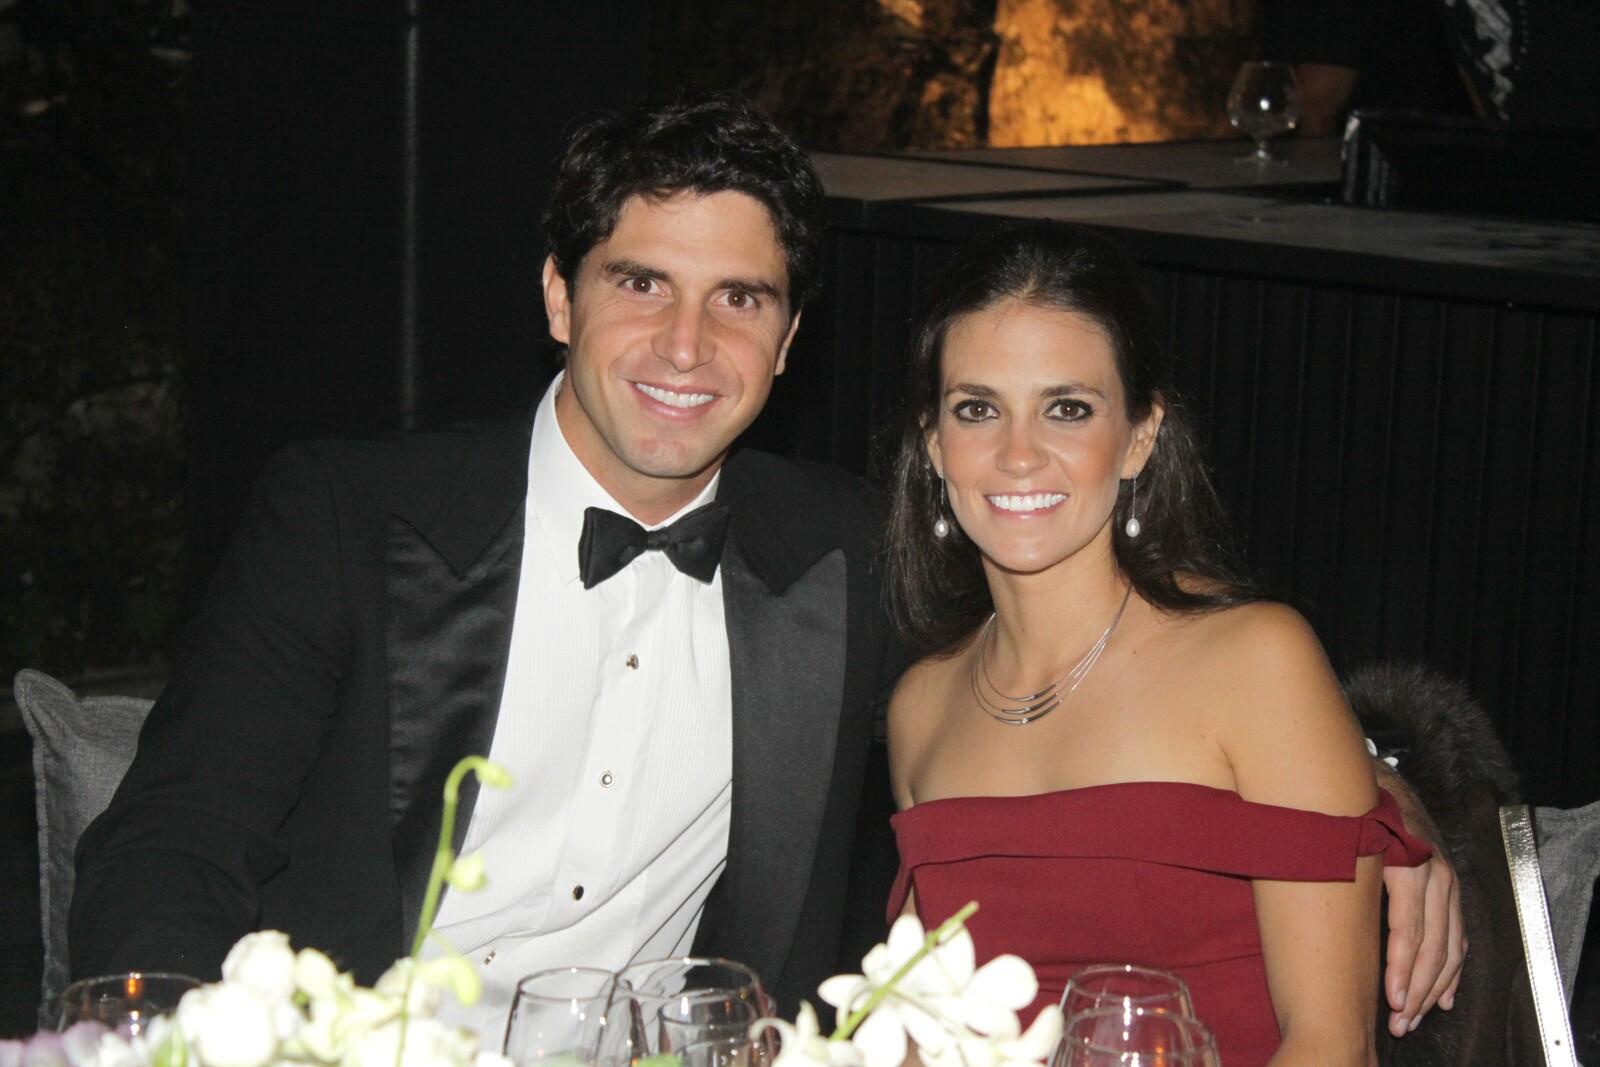 Diego de Anda y Patricia Martin del Campo.JPG